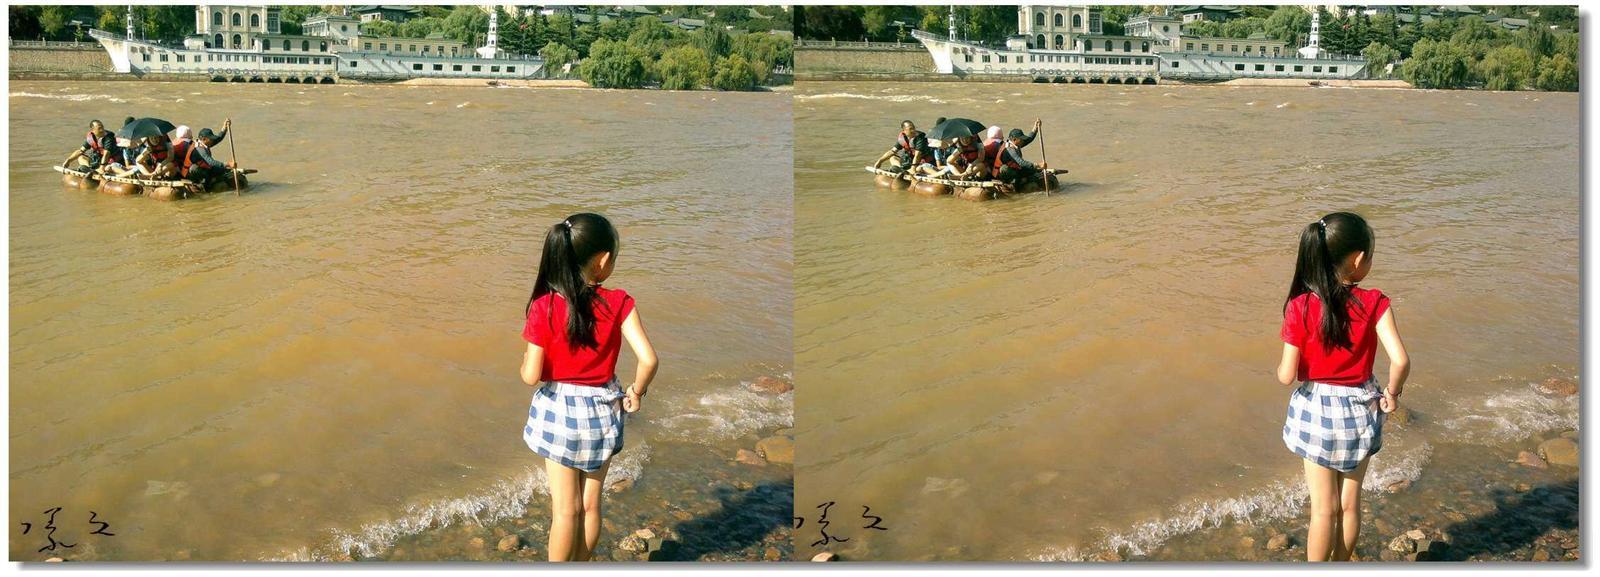 【原创】河边、女孩、羊皮筏... 2